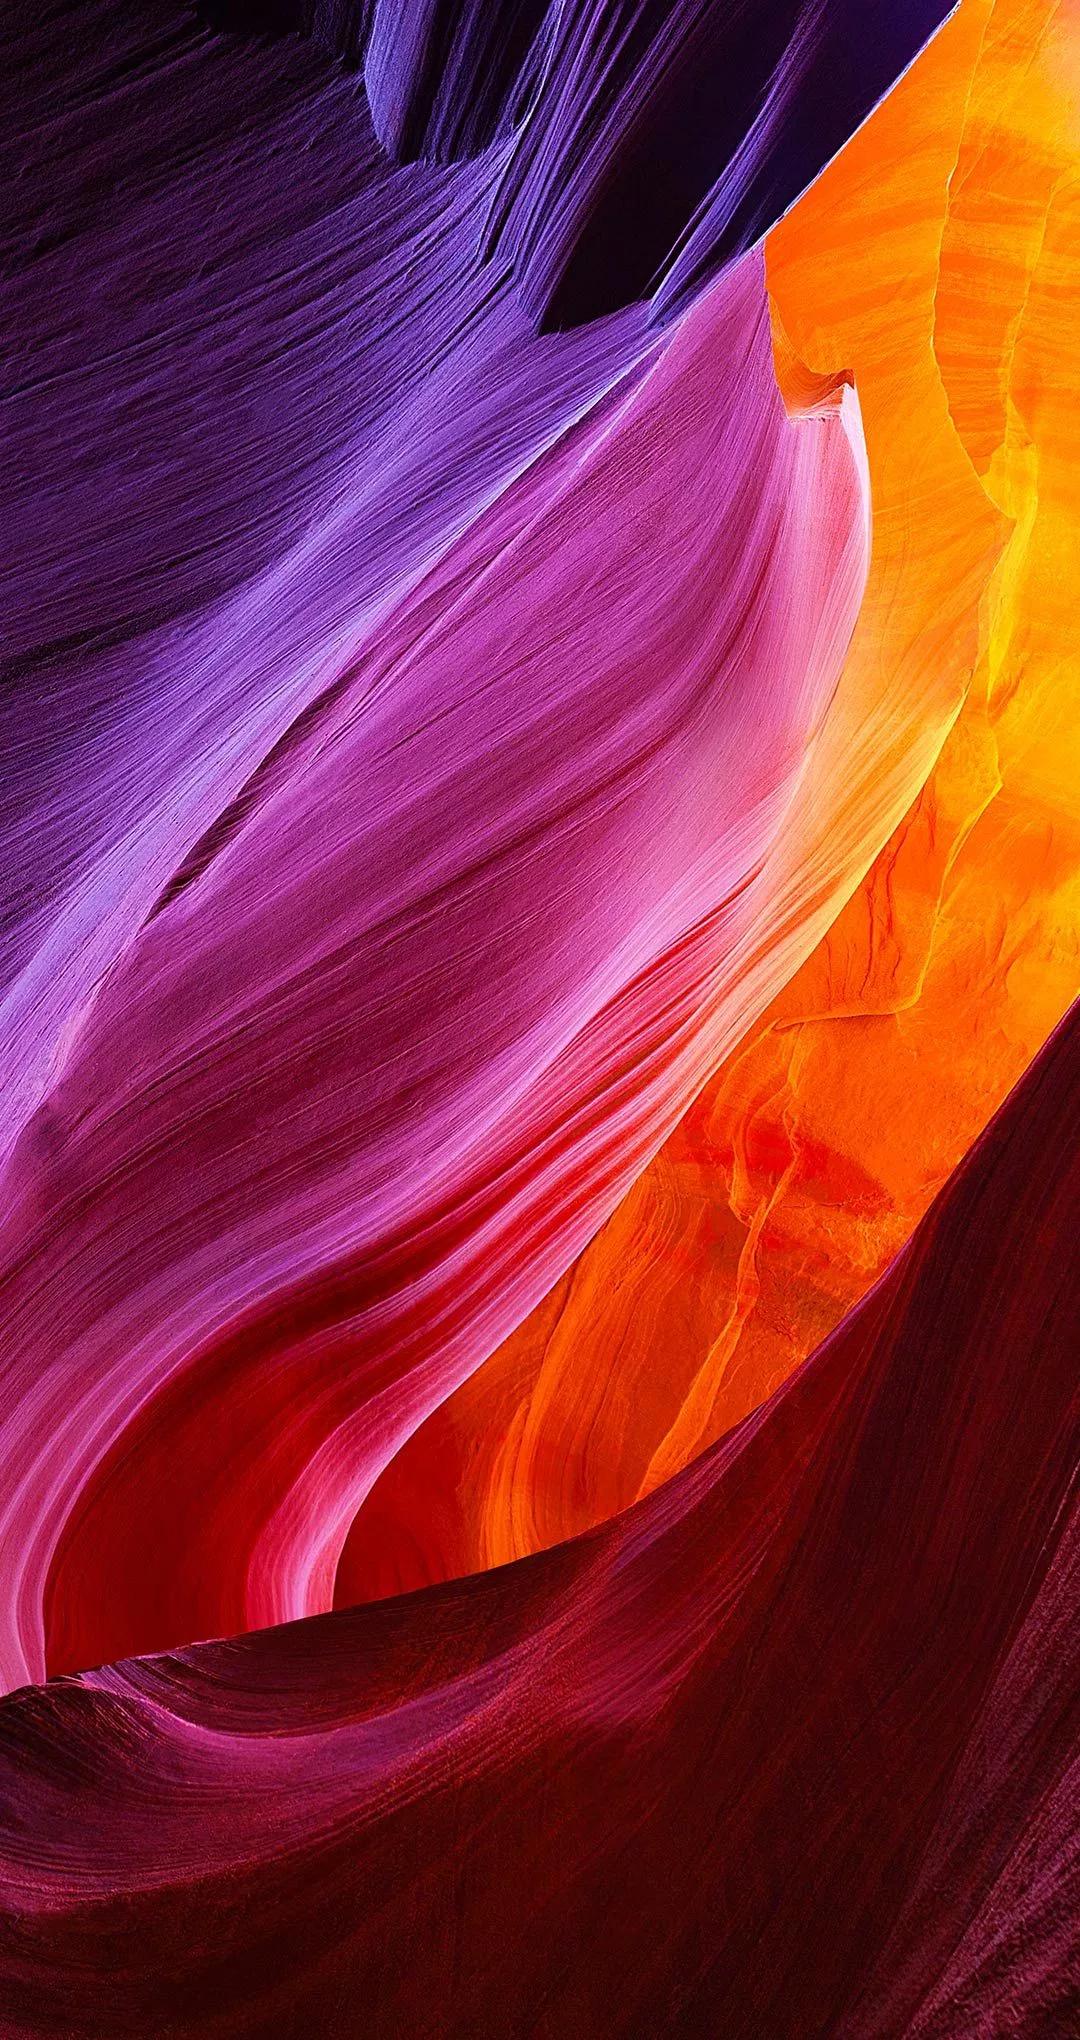 Xiaomi Mi Mix Wallpaper [1080x2040] Beautiful Wallpaper Pinterest